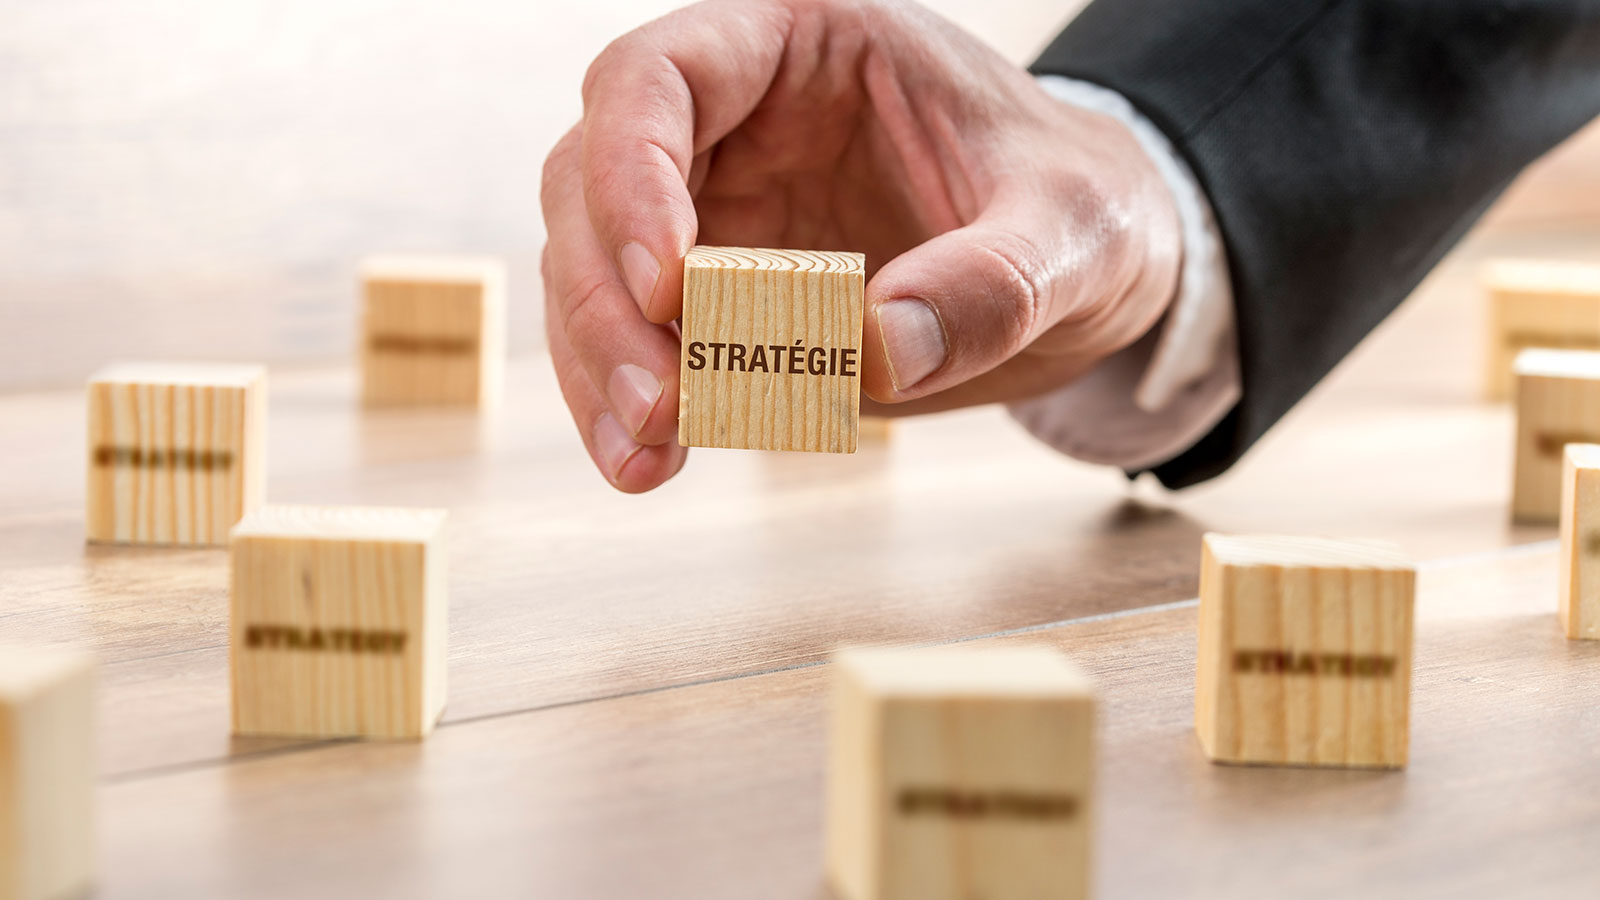 Comment construire sa stratégie de communication en 5 étapes